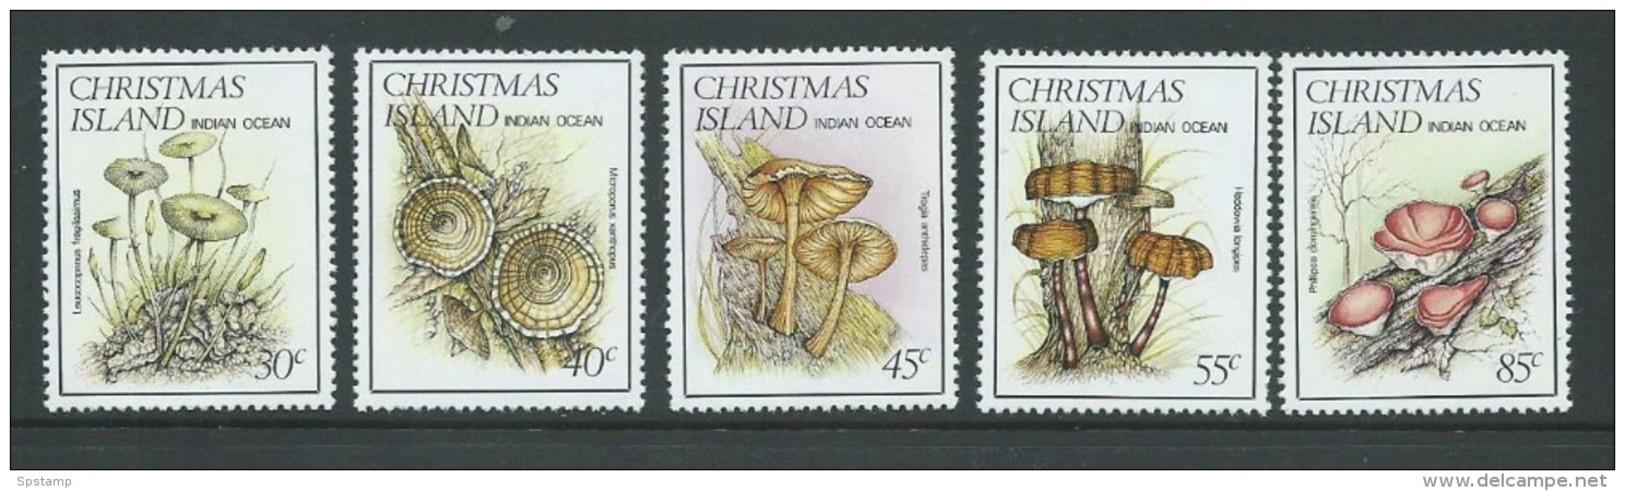 Christmas Island 1984 Mushroom Fungi Set Of 5 MNH - Christmas Island